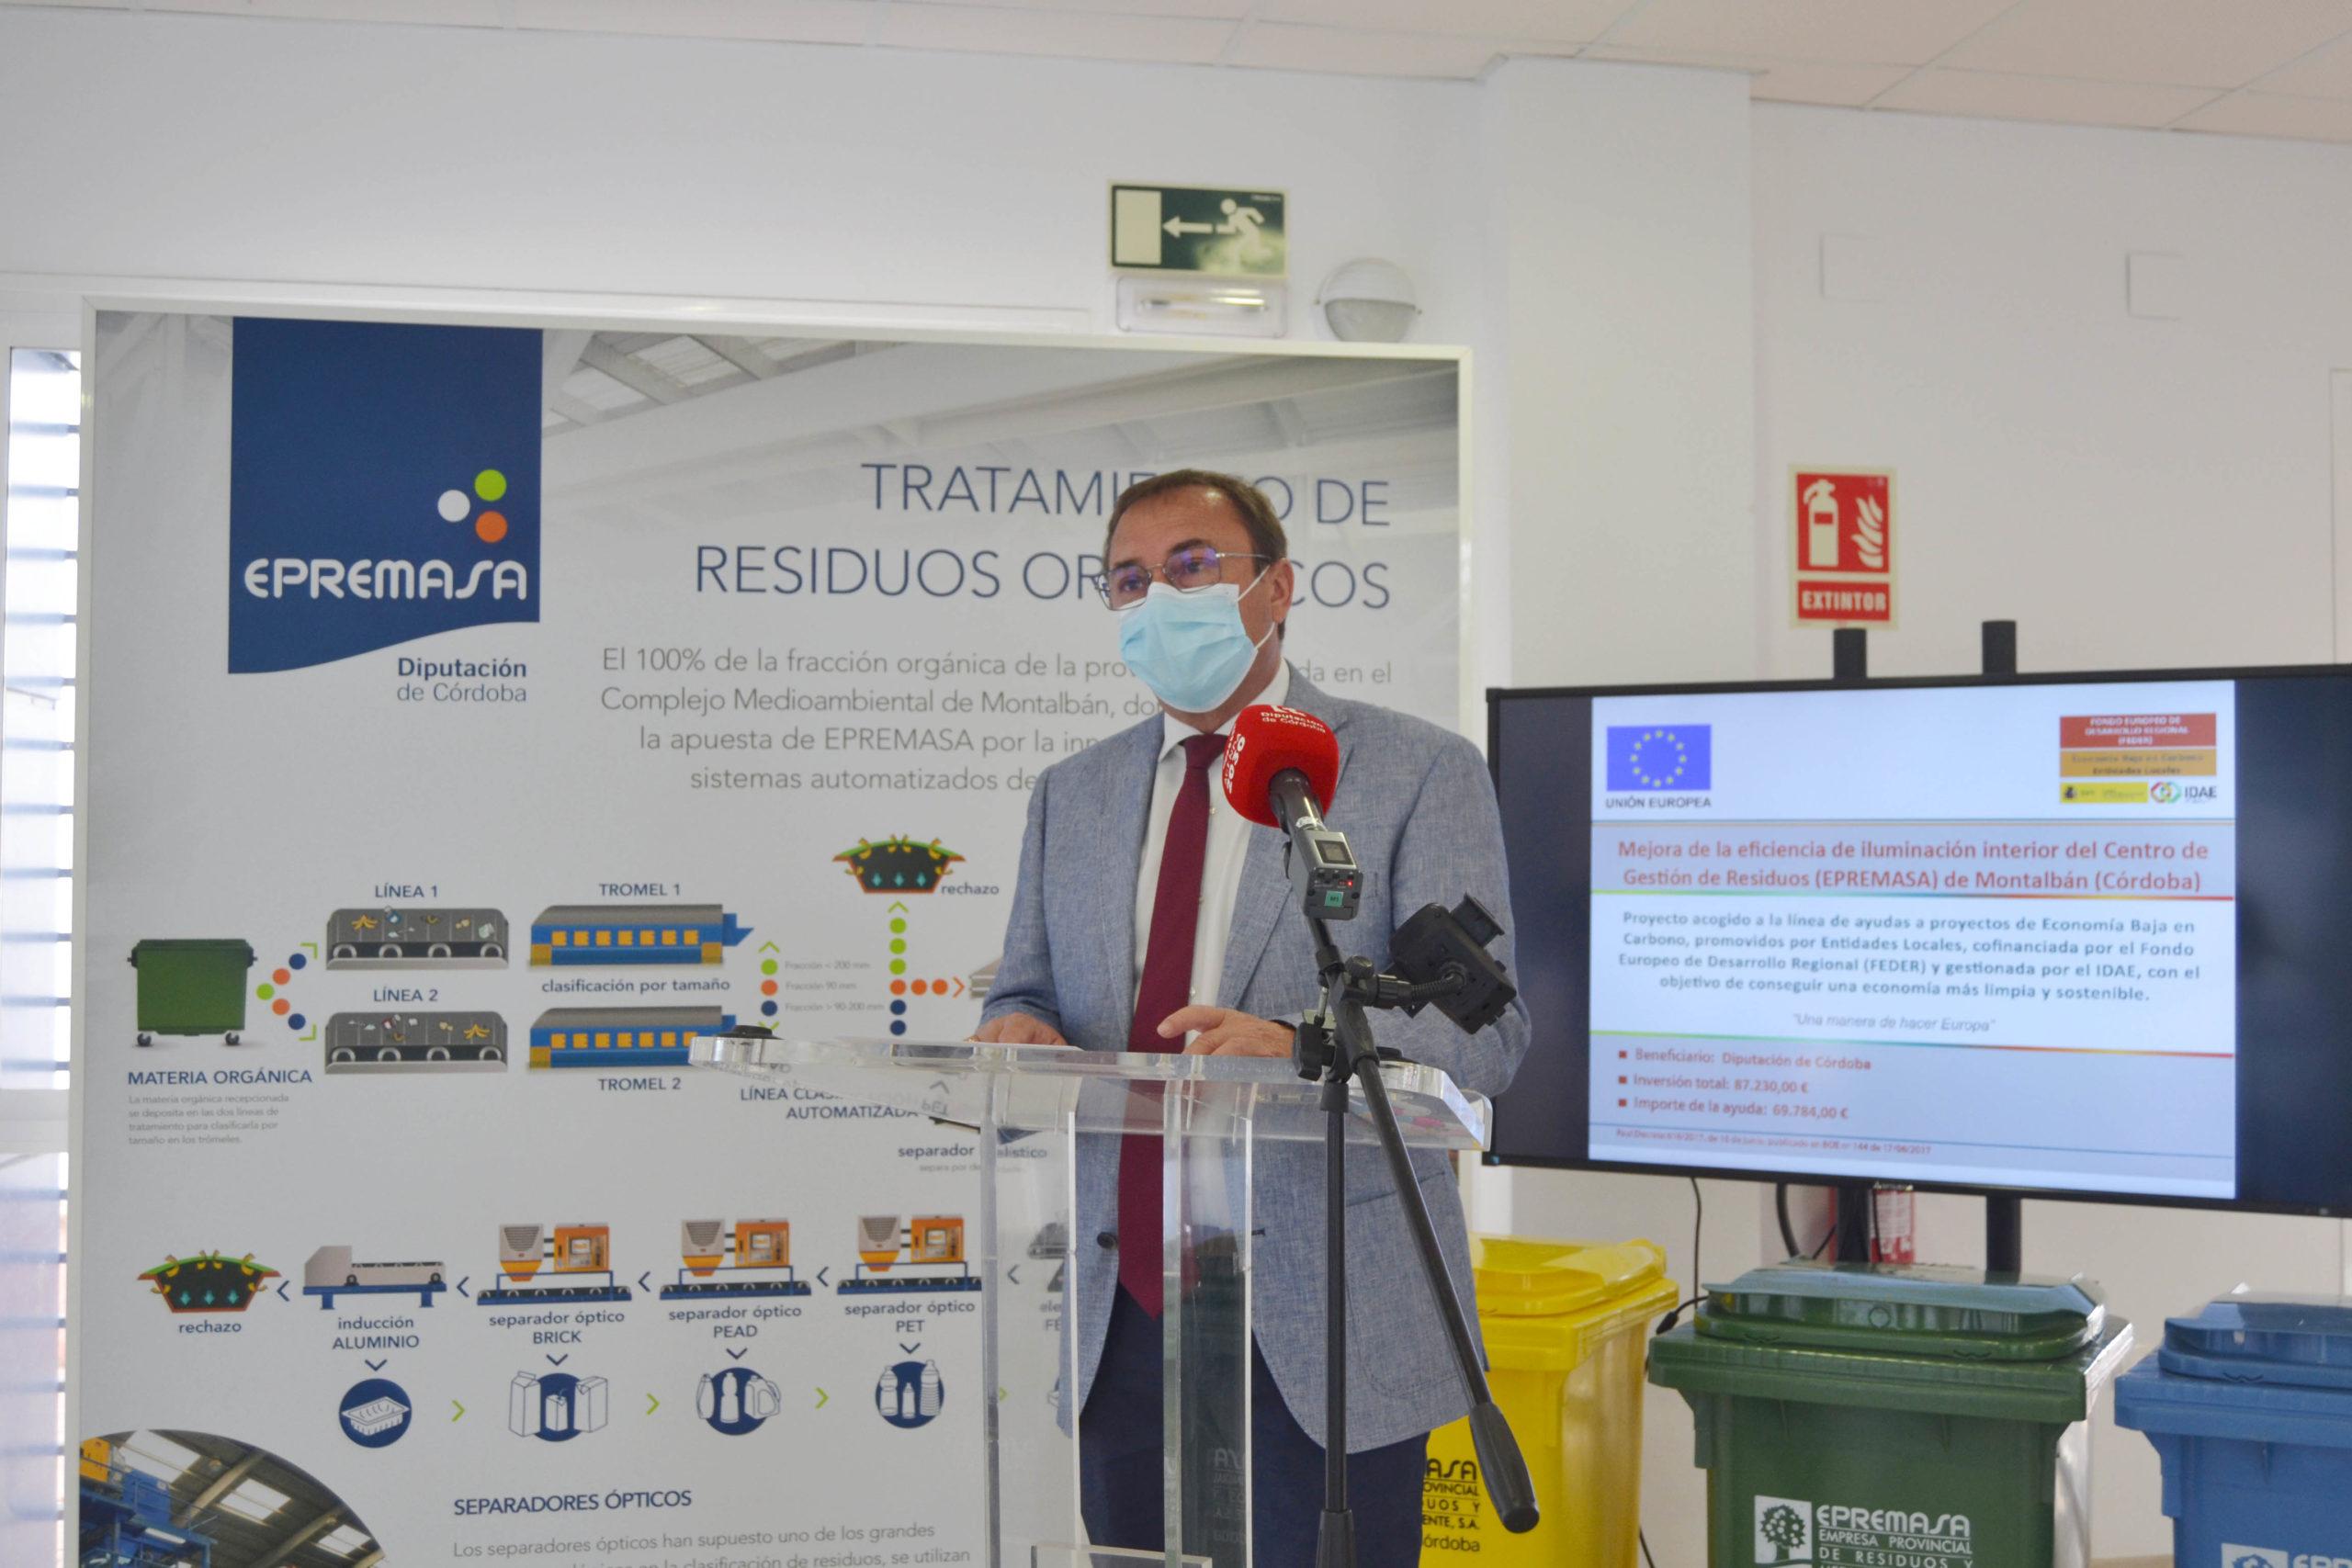 El Centro Medioambiental de Residuos de Montalbán renovará su iluminación interior gracias al proyecto Economía Baja en Carbono